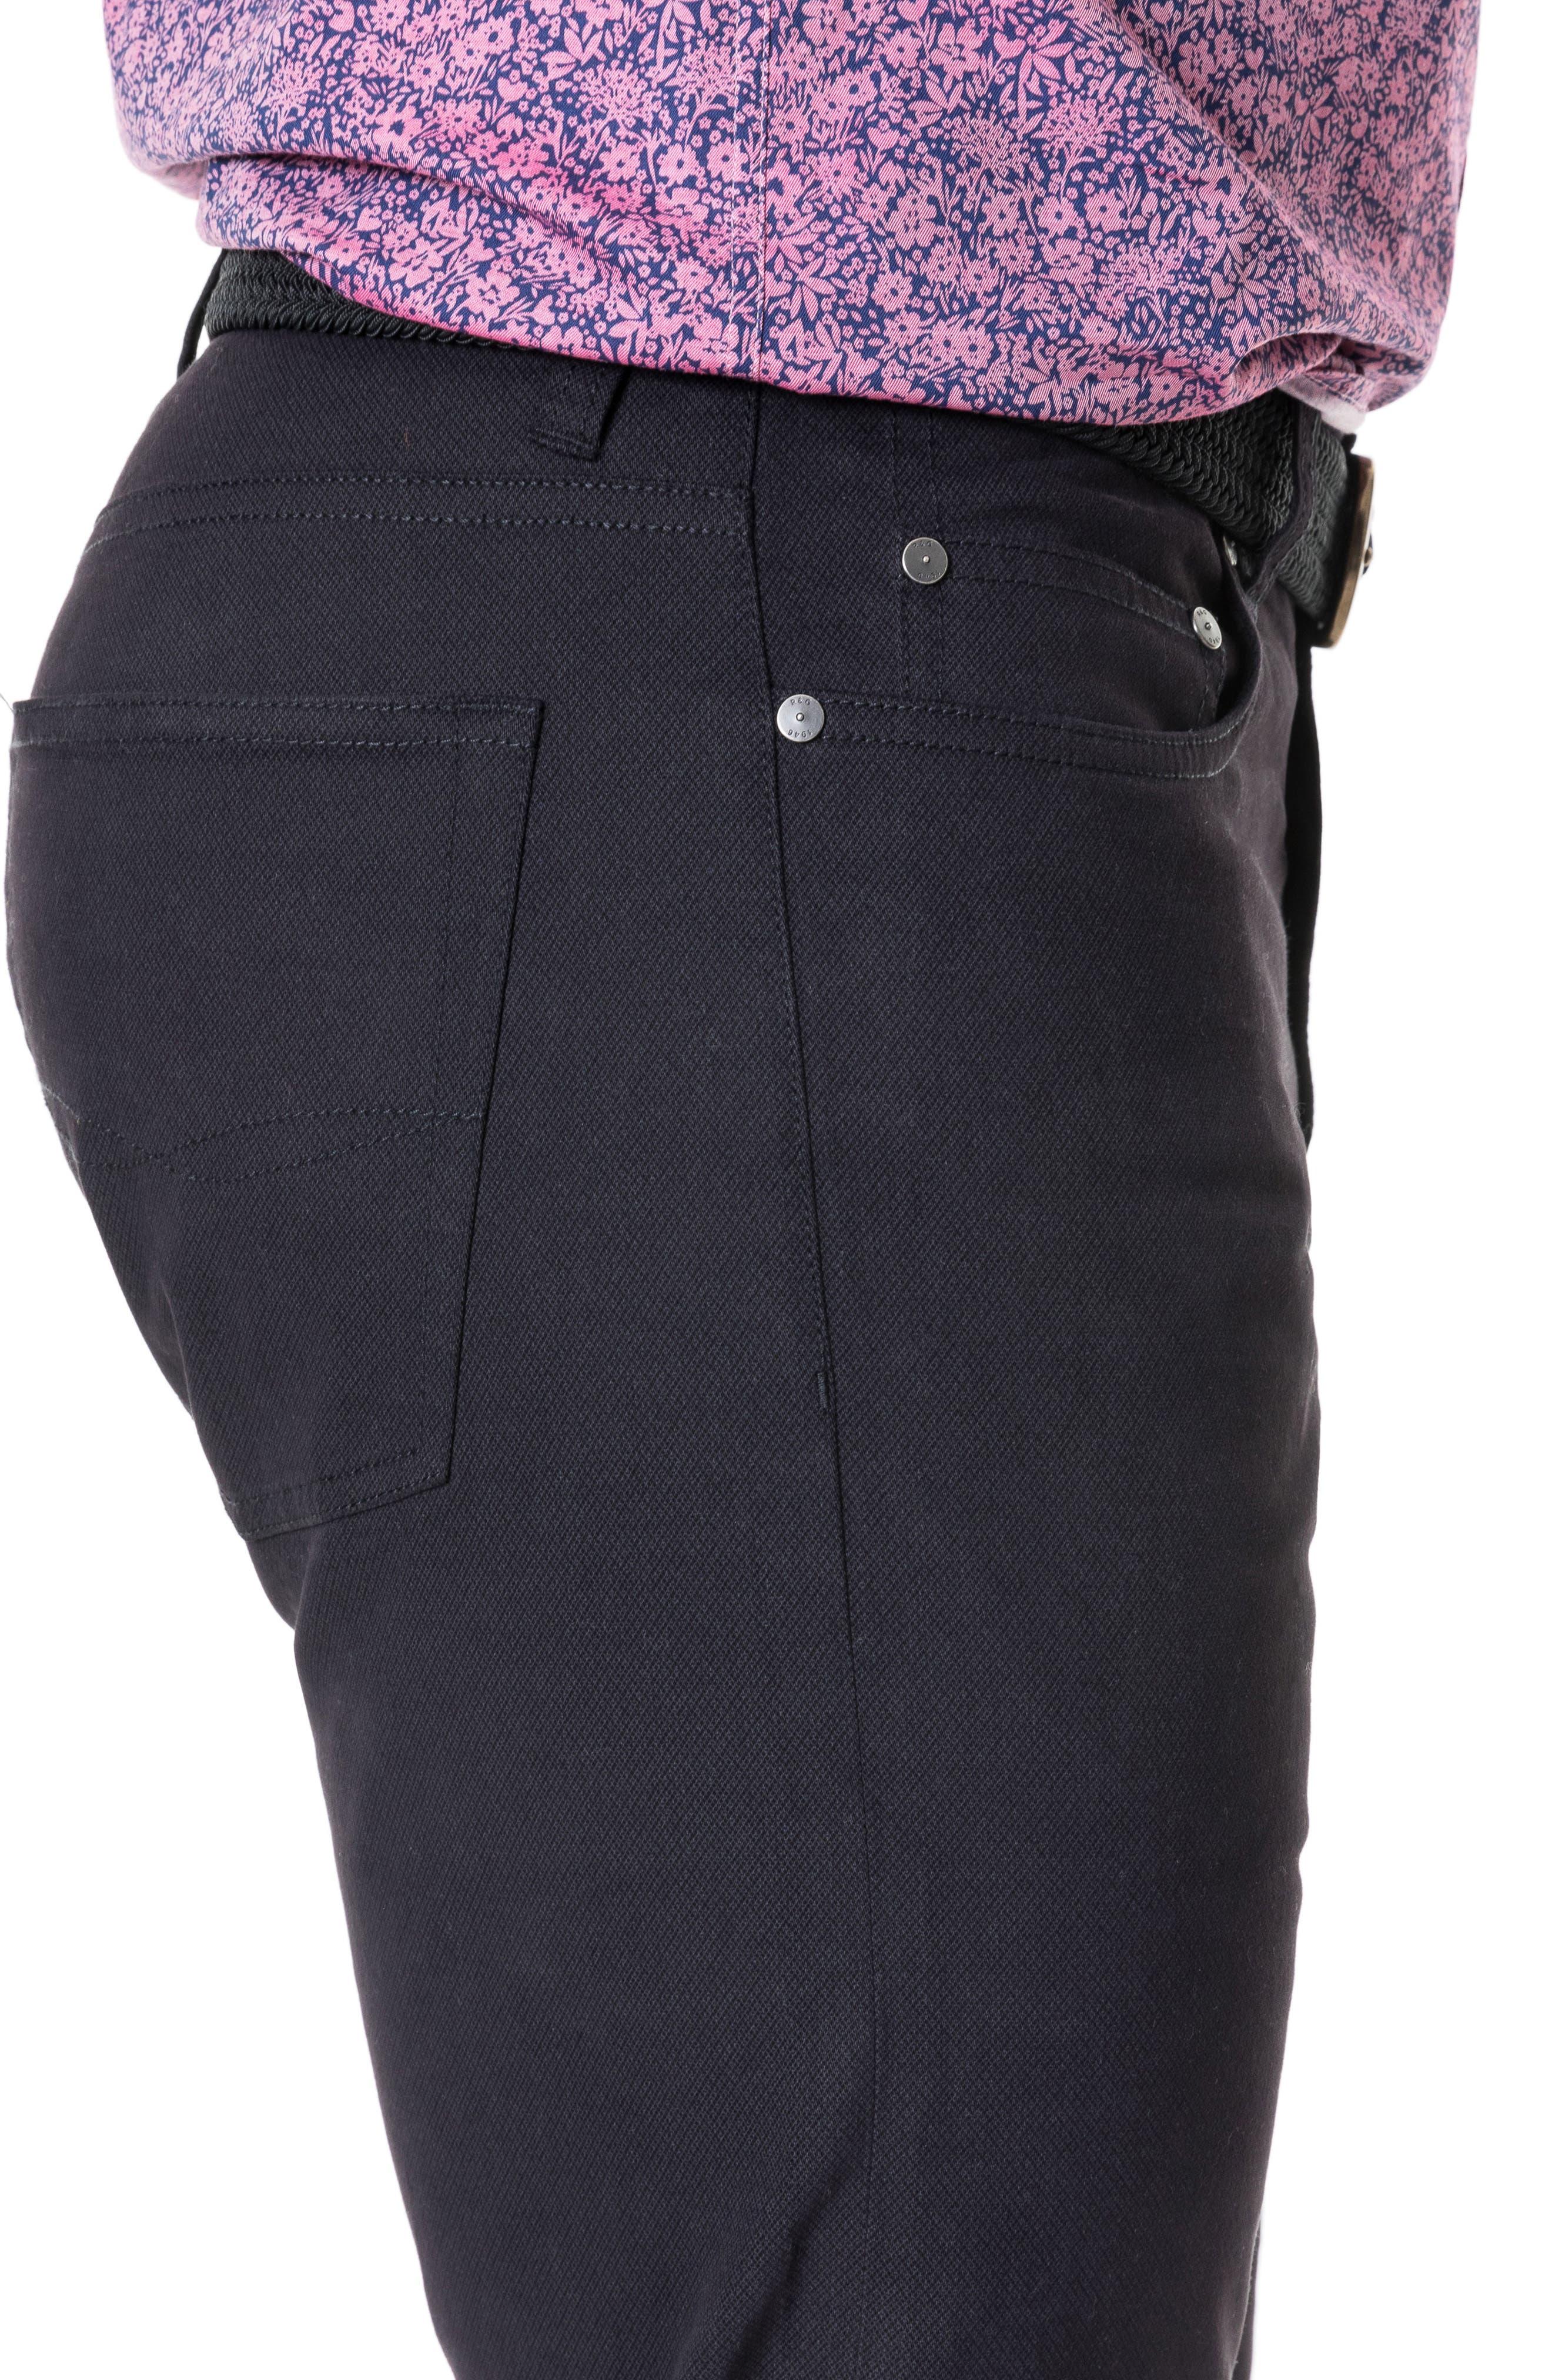 Whareflat Straight Leg Jeans,                             Alternate thumbnail 4, color,                             ASPHALT